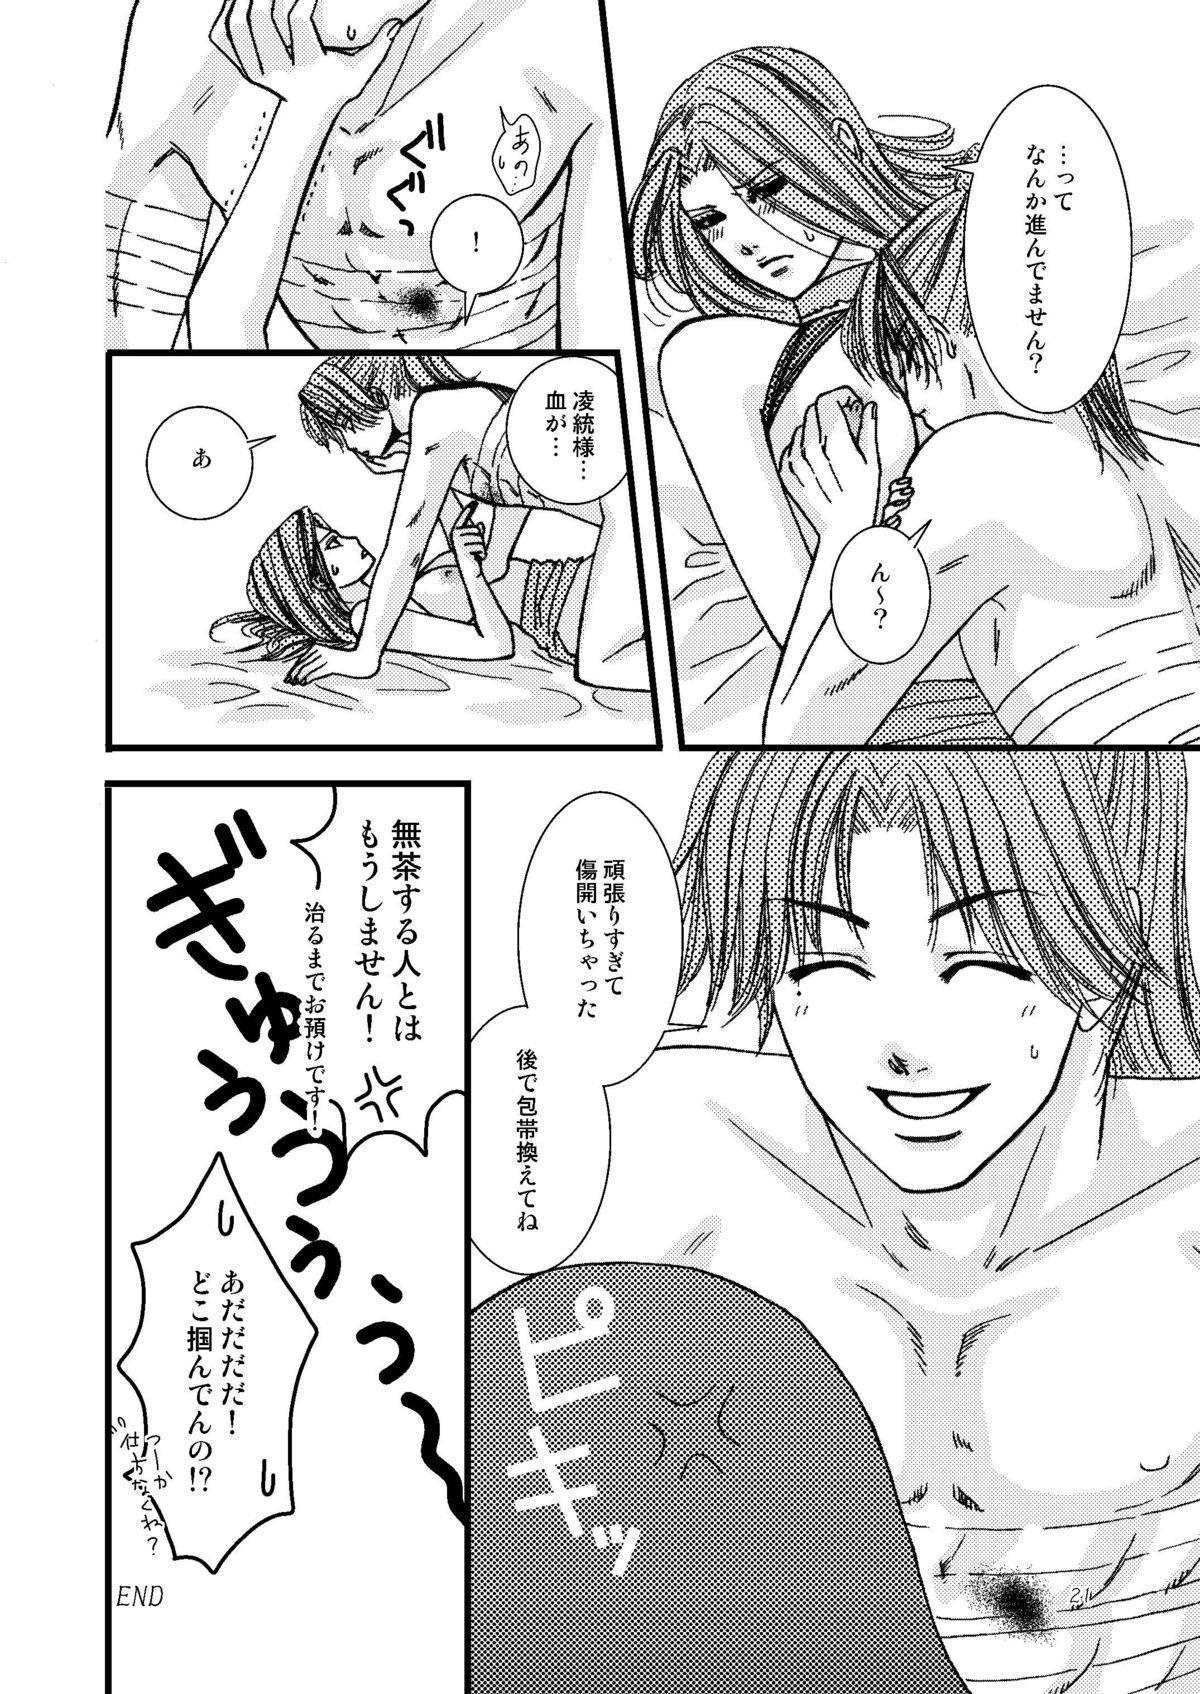 Kasai 20